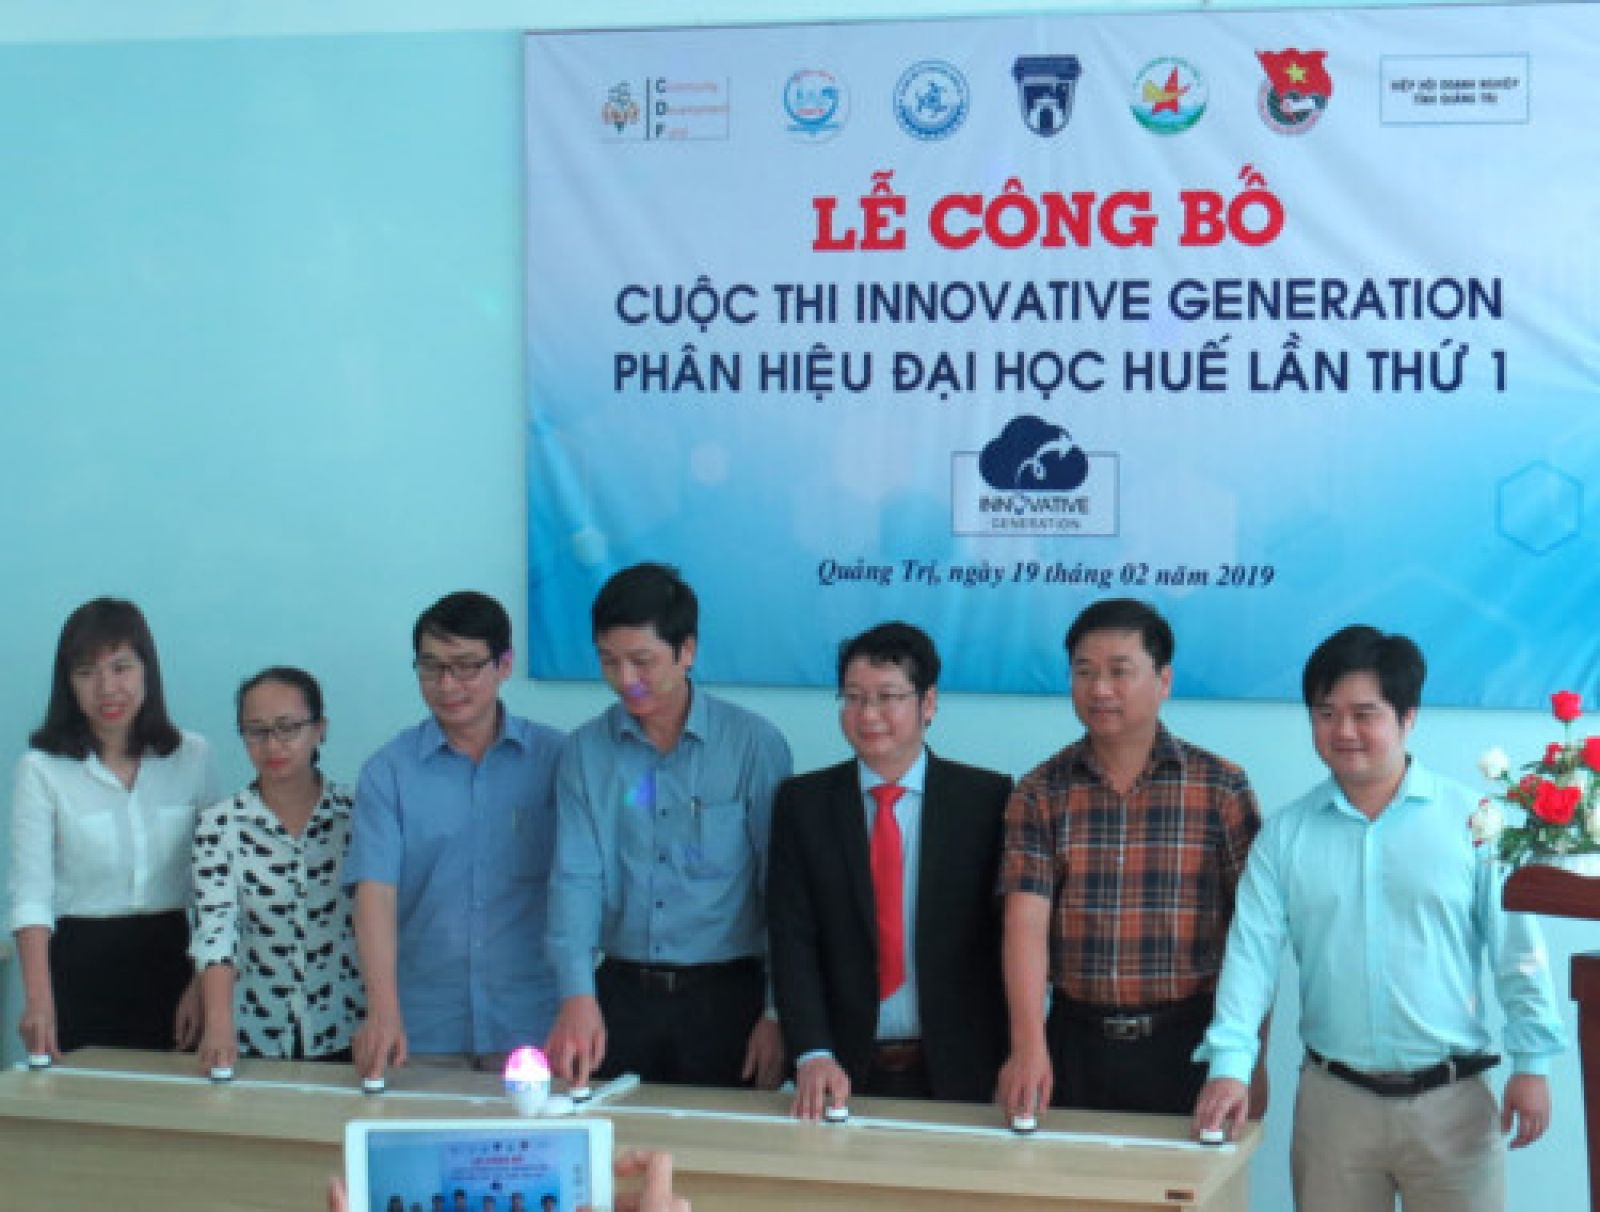 Ông Hoàng Nam – PCT UBND tỉnh cùng BTC Cuộc thi ấn nút Công bố Cuộc thi.